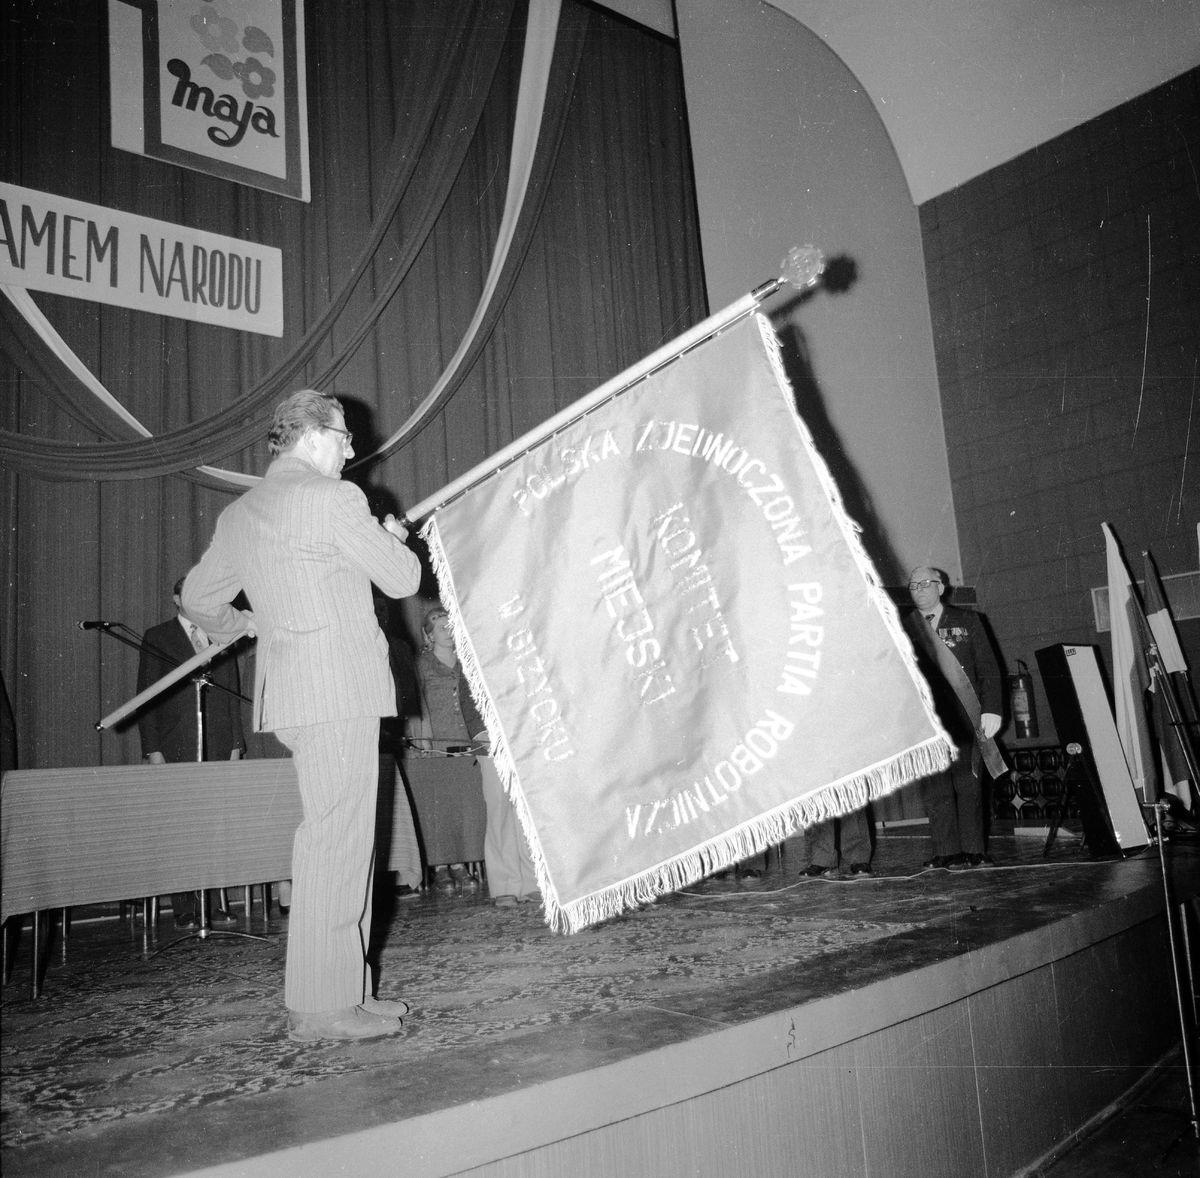 Wręczenie sztandaru Komitetowi Miejskiemu PZPR, 1976 r. [9]